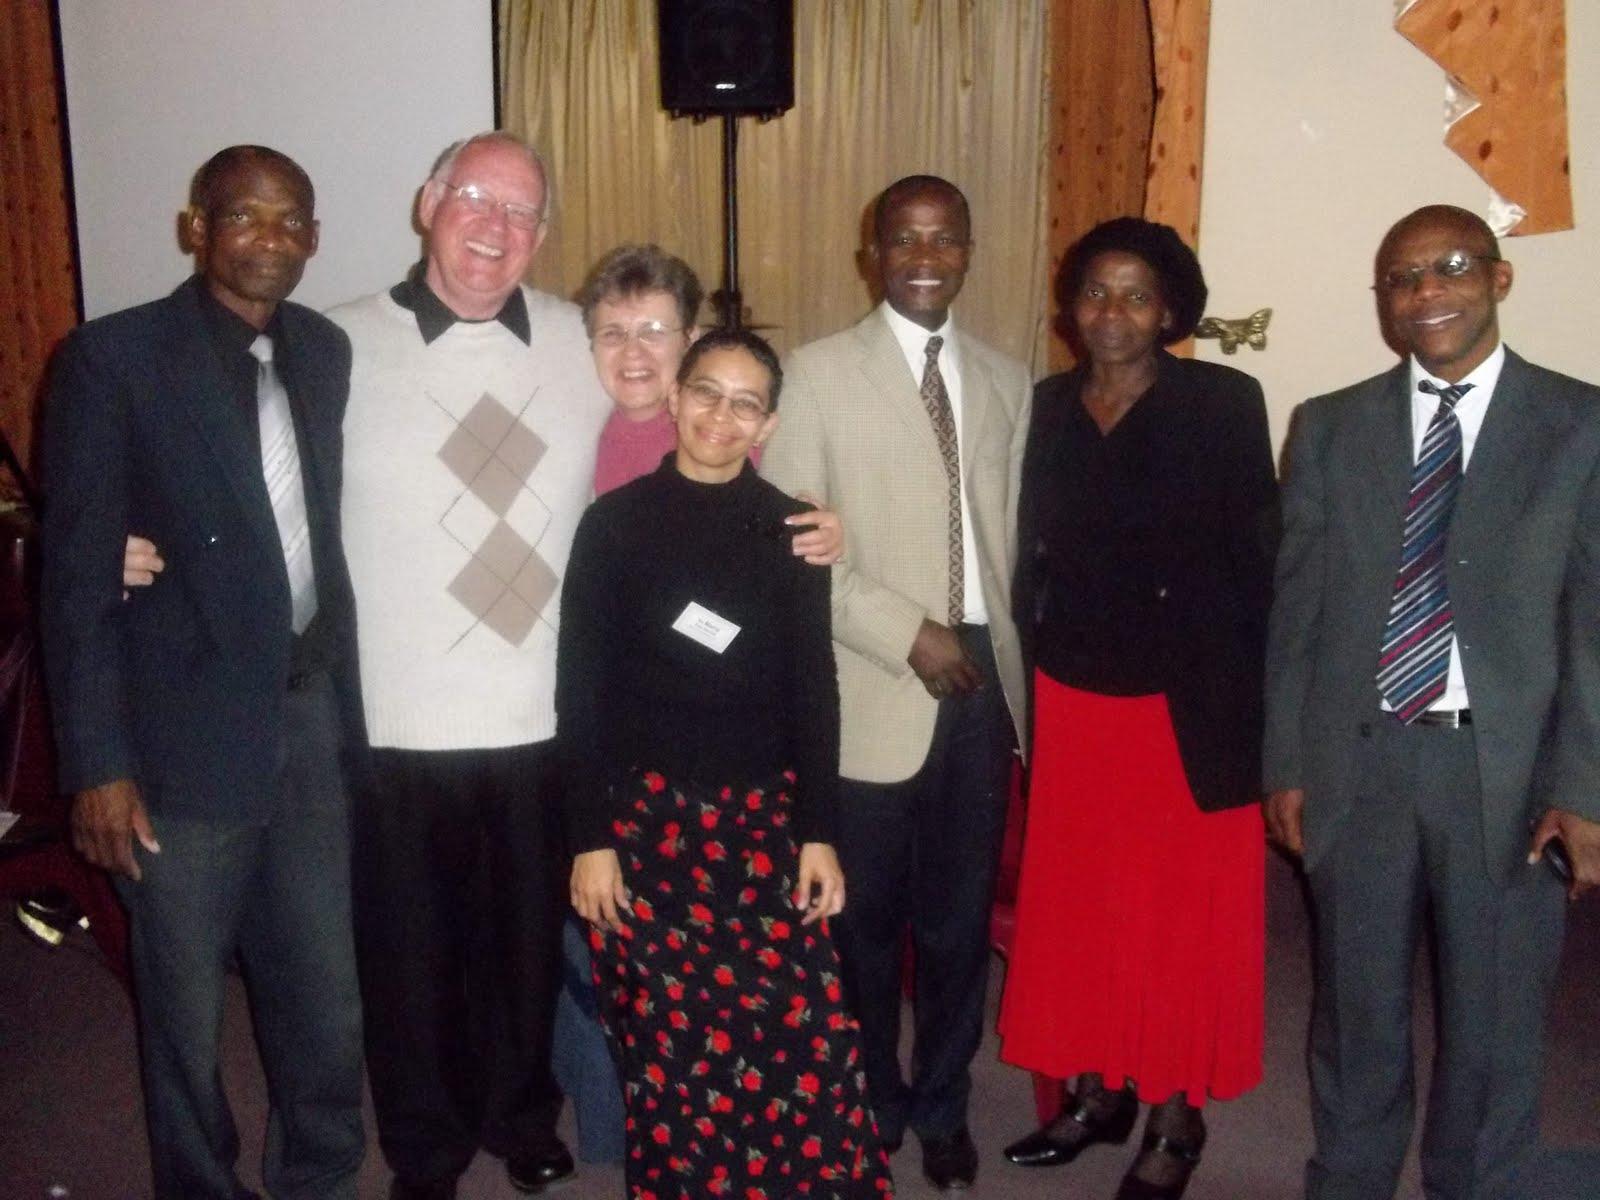 Church Members or Christs Members?